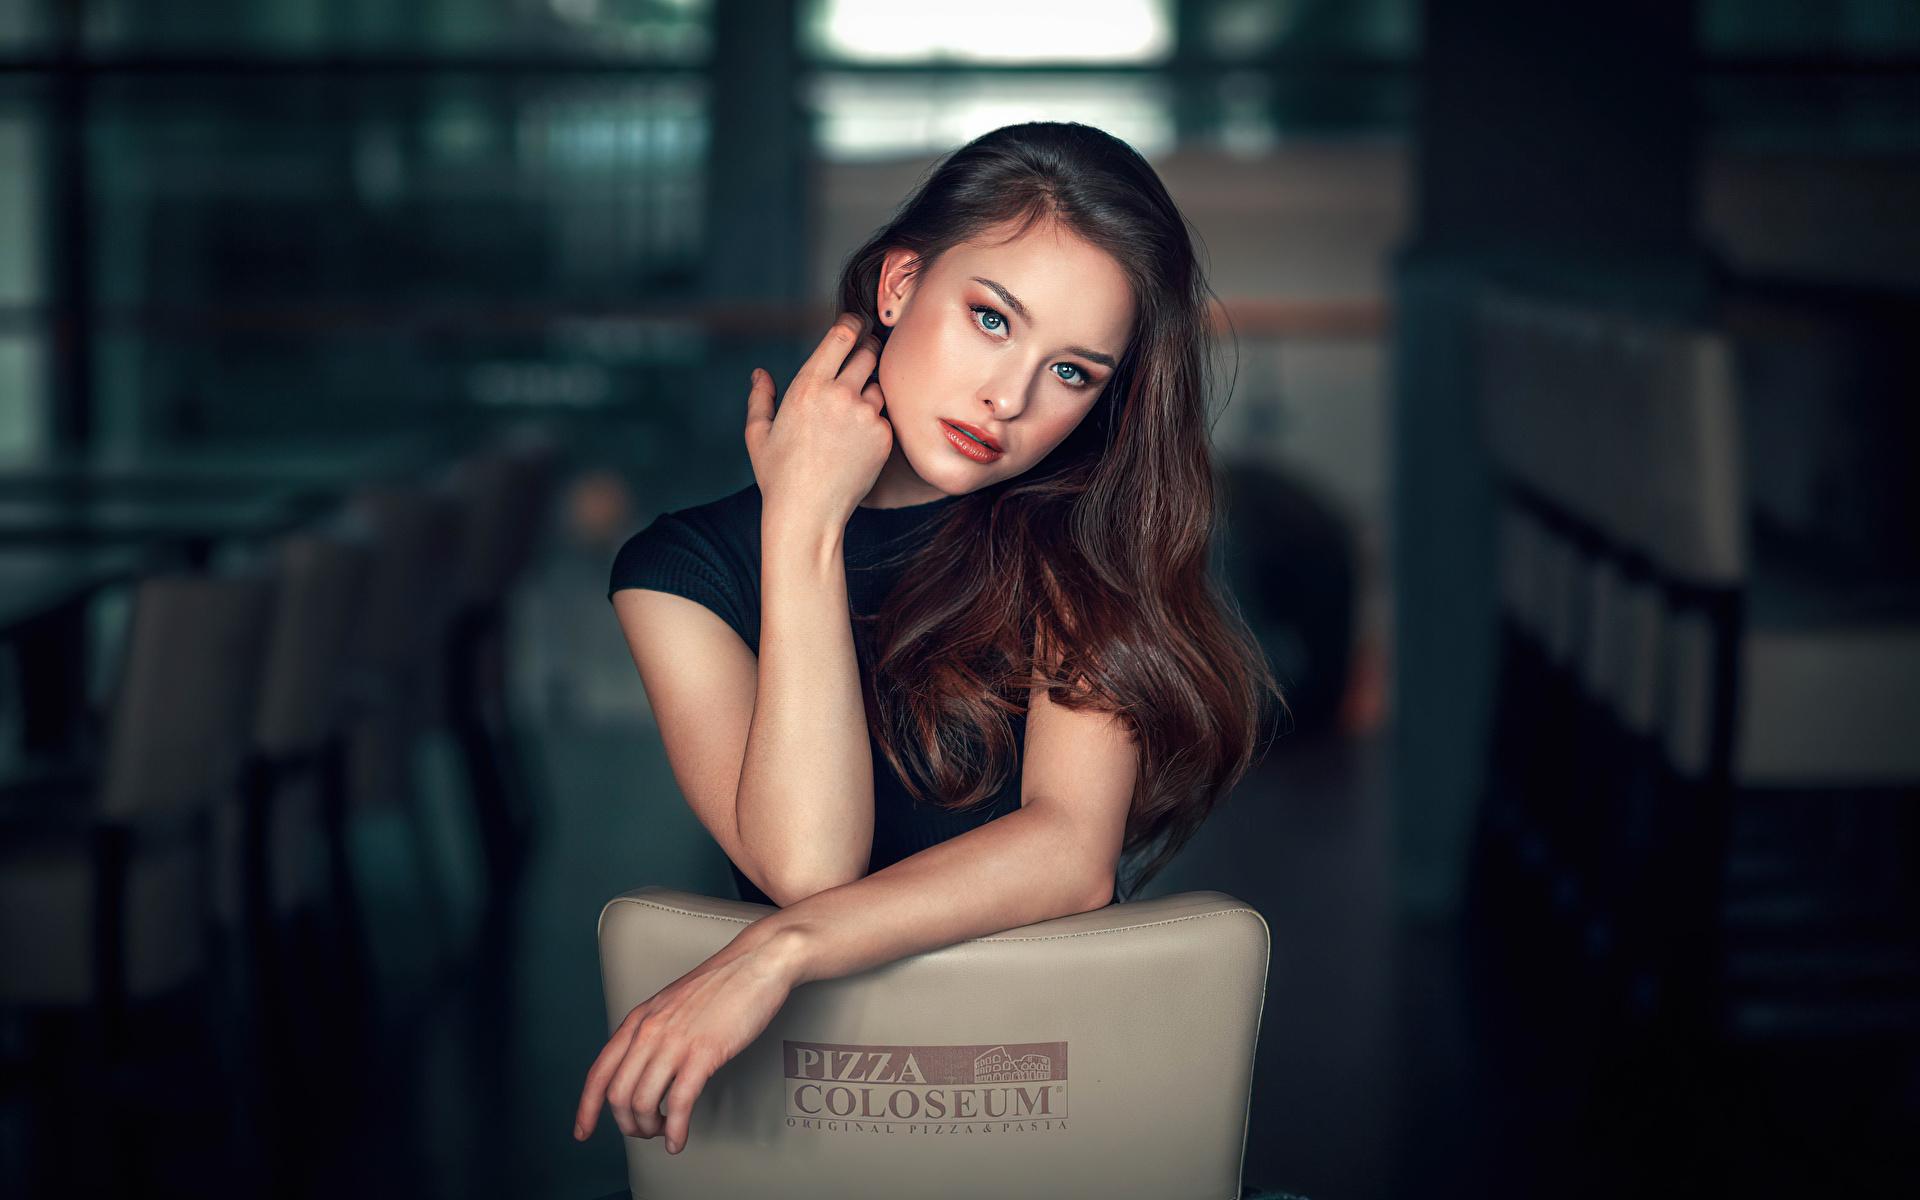 Фотография брюнетки Размытый фон девушка рука Взгляд 1920x1200 Брюнетка брюнеток боке Девушки молодая женщина молодые женщины Руки смотрит смотрят